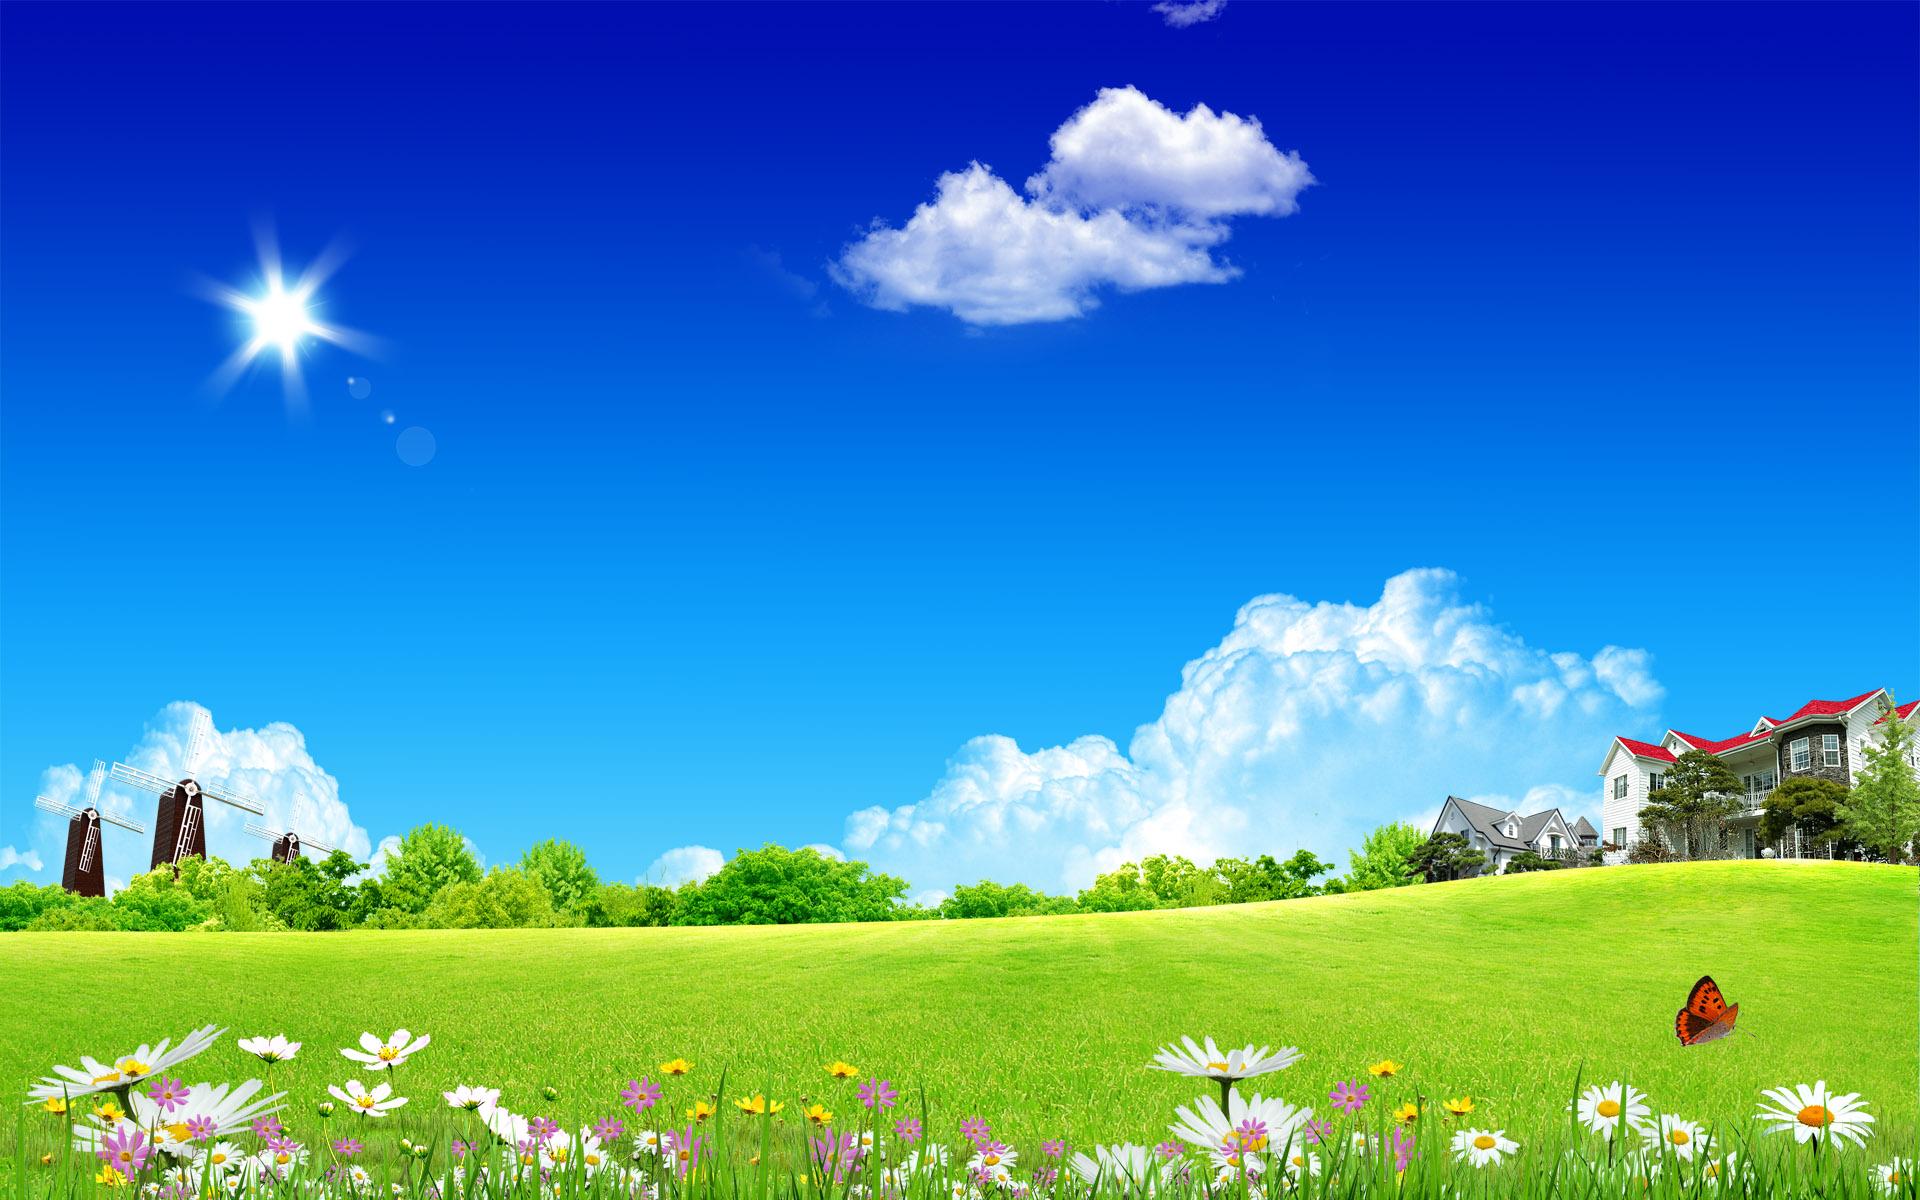 summer fantasy landscape for desktop wallpaper 1920x1200